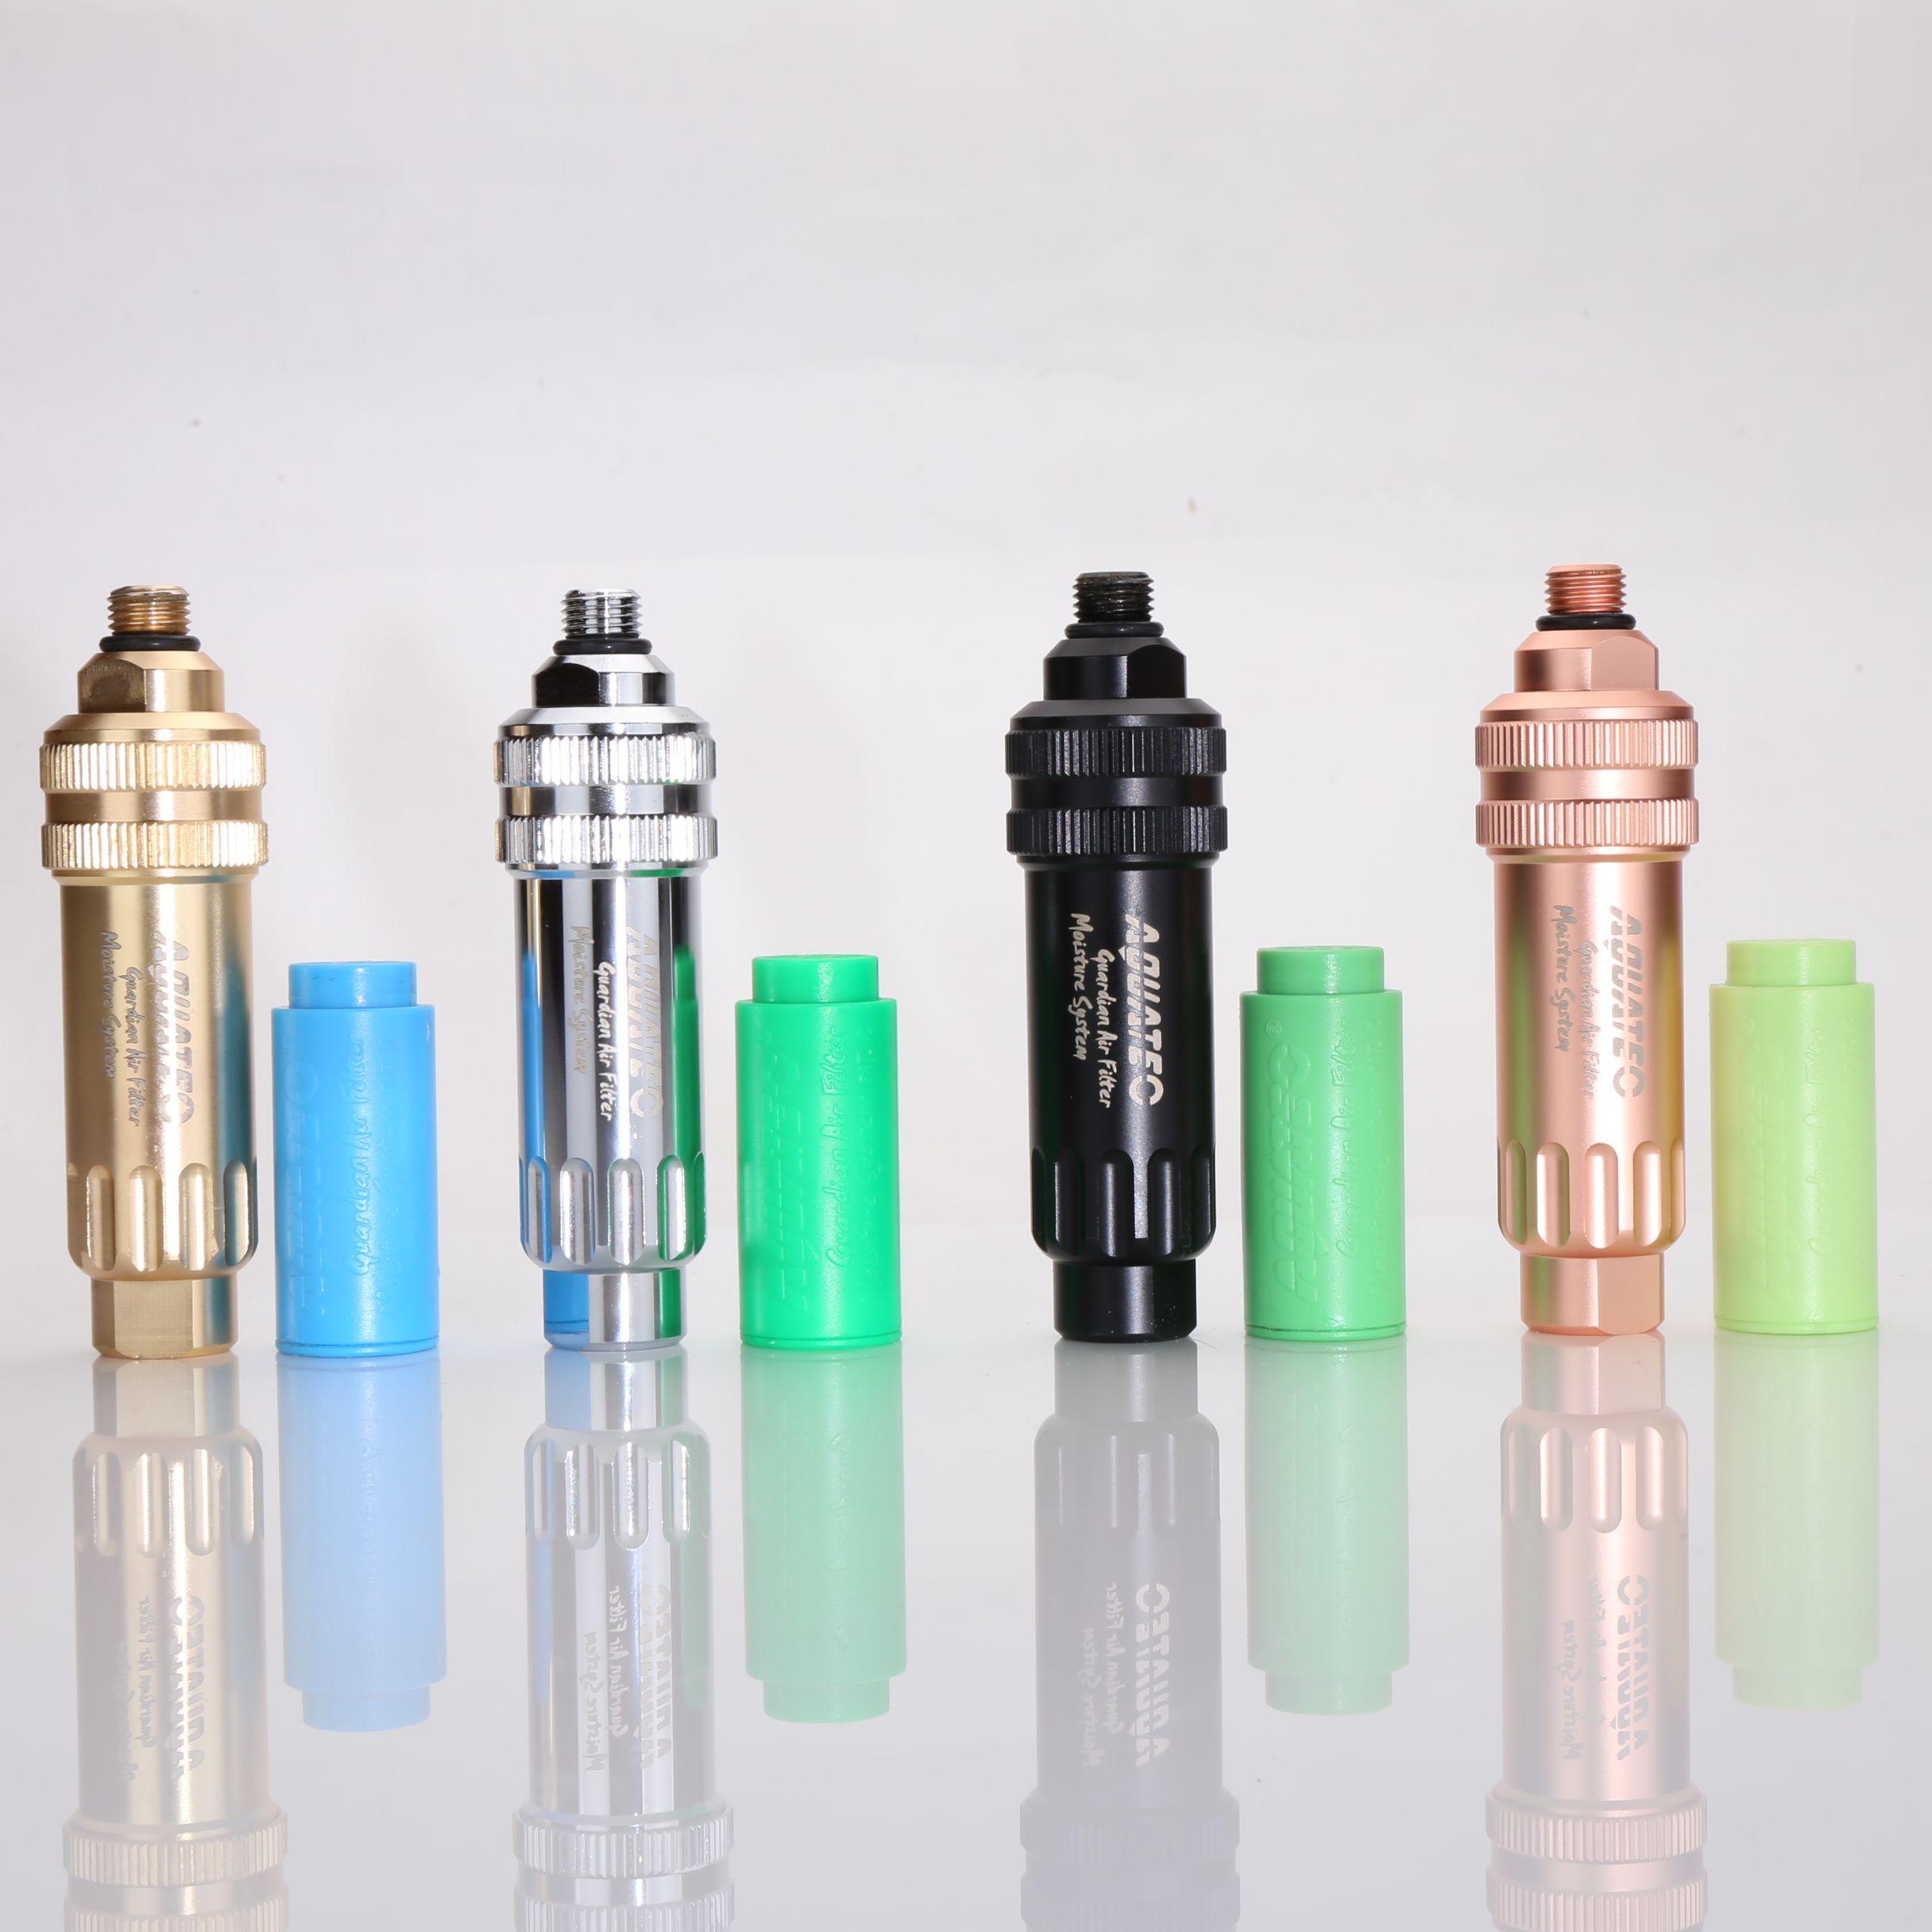 防卫者潜水气瓶空气过滤加湿器 - 水下活性碳气瓶空气清净器